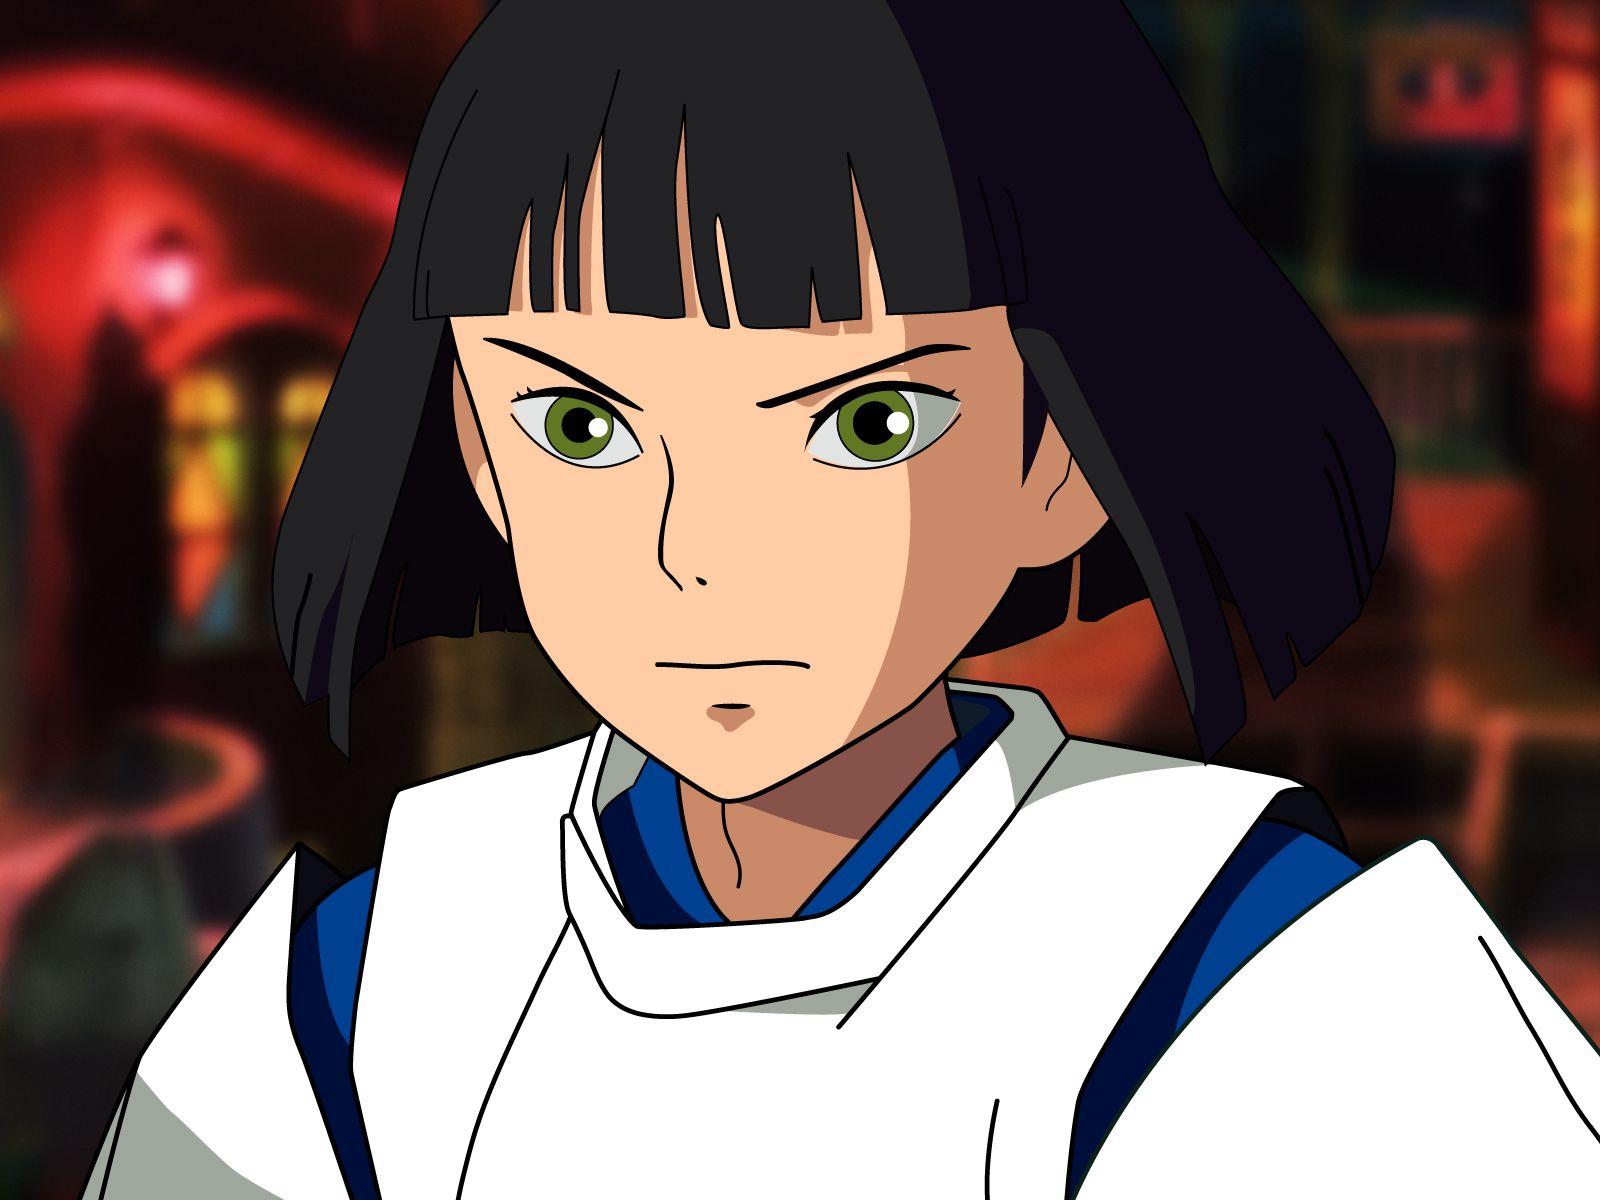 anime miyazaki - photo #38